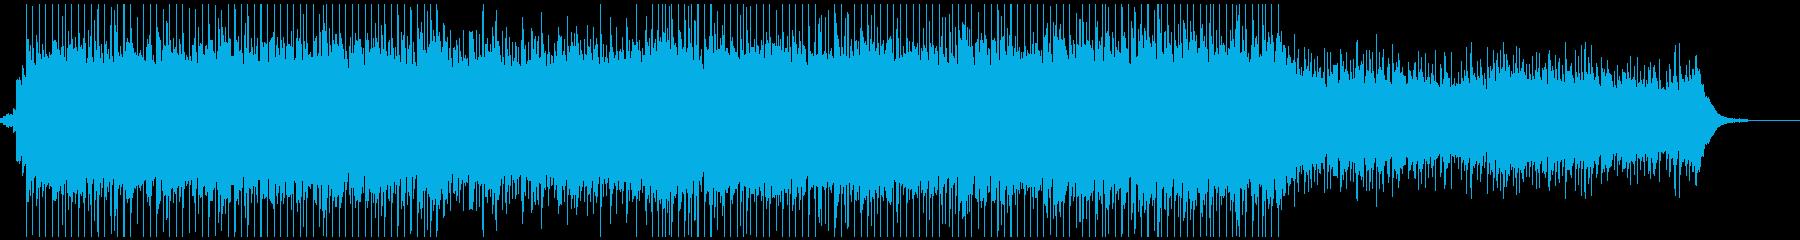 ピアノがきらきら綺麗なBGM3−2の再生済みの波形